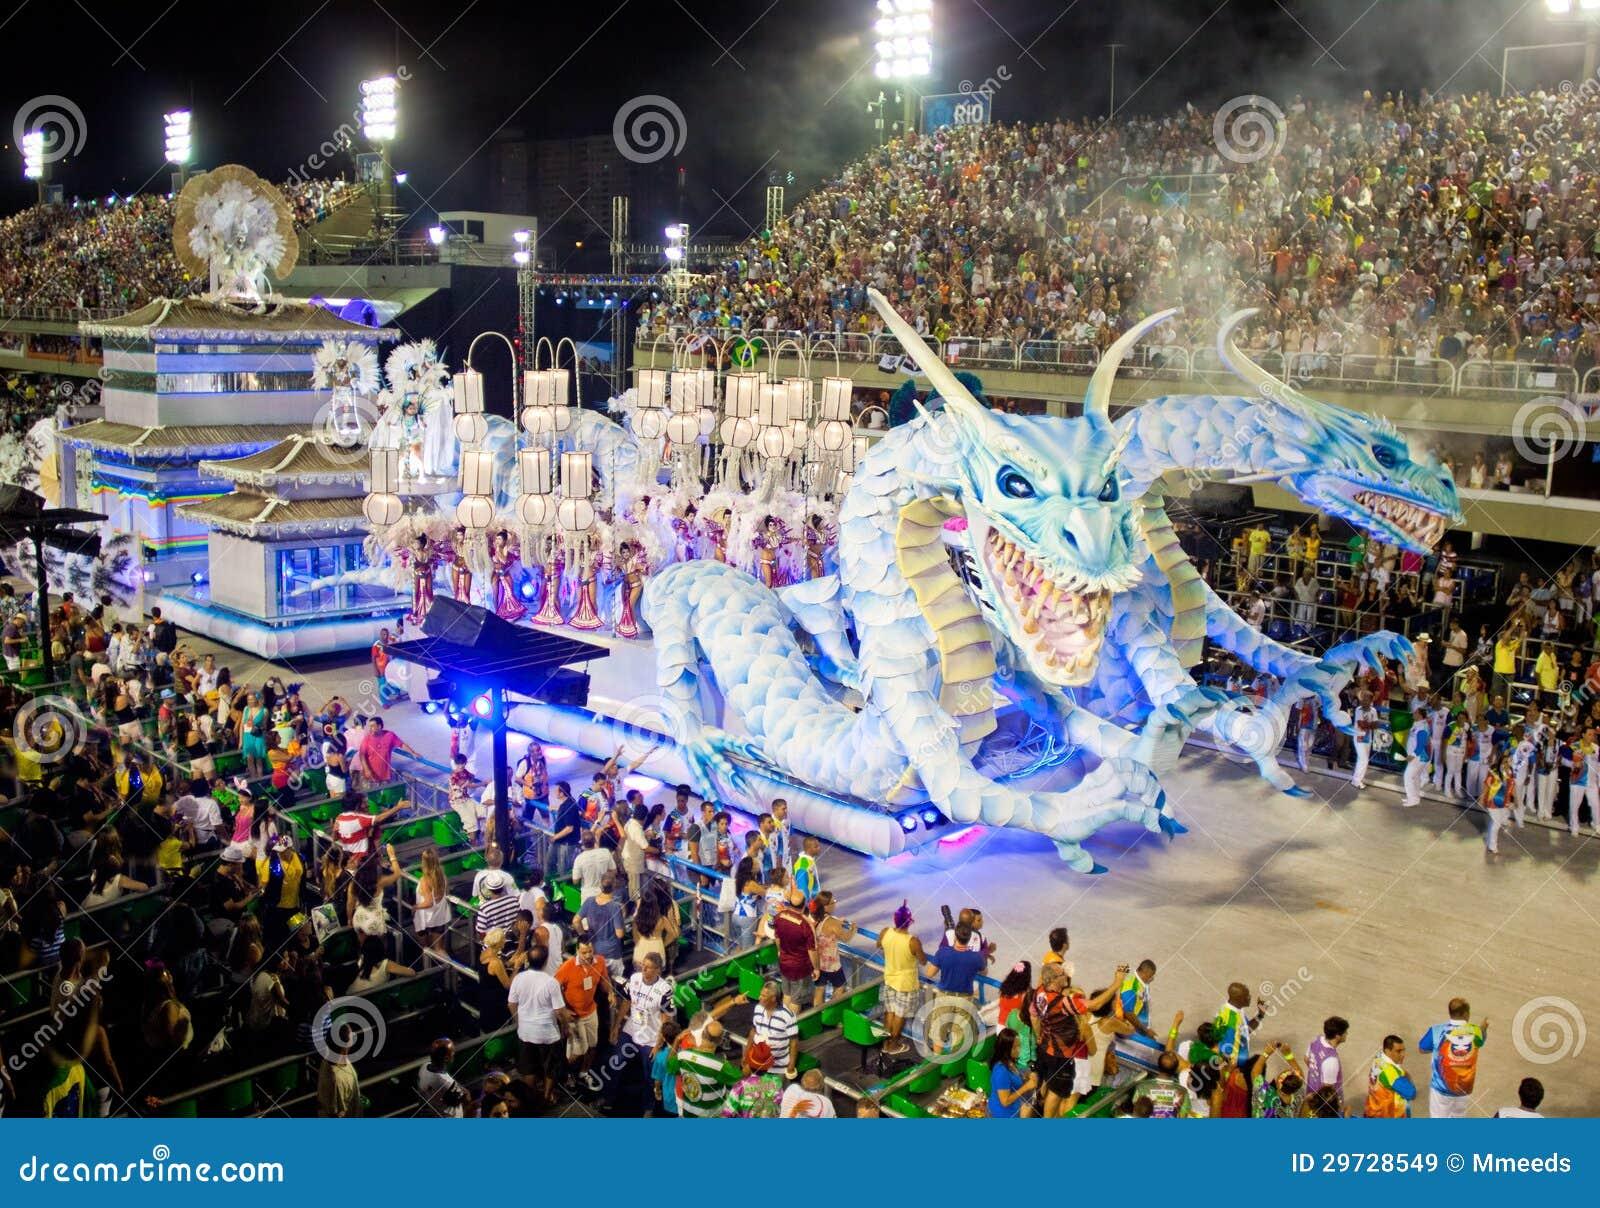 Expo Cake Design 2018 Rio De Janeiro : RIO DE JANEIRO - FEBRUARY 11: Show With Decorations Of ...